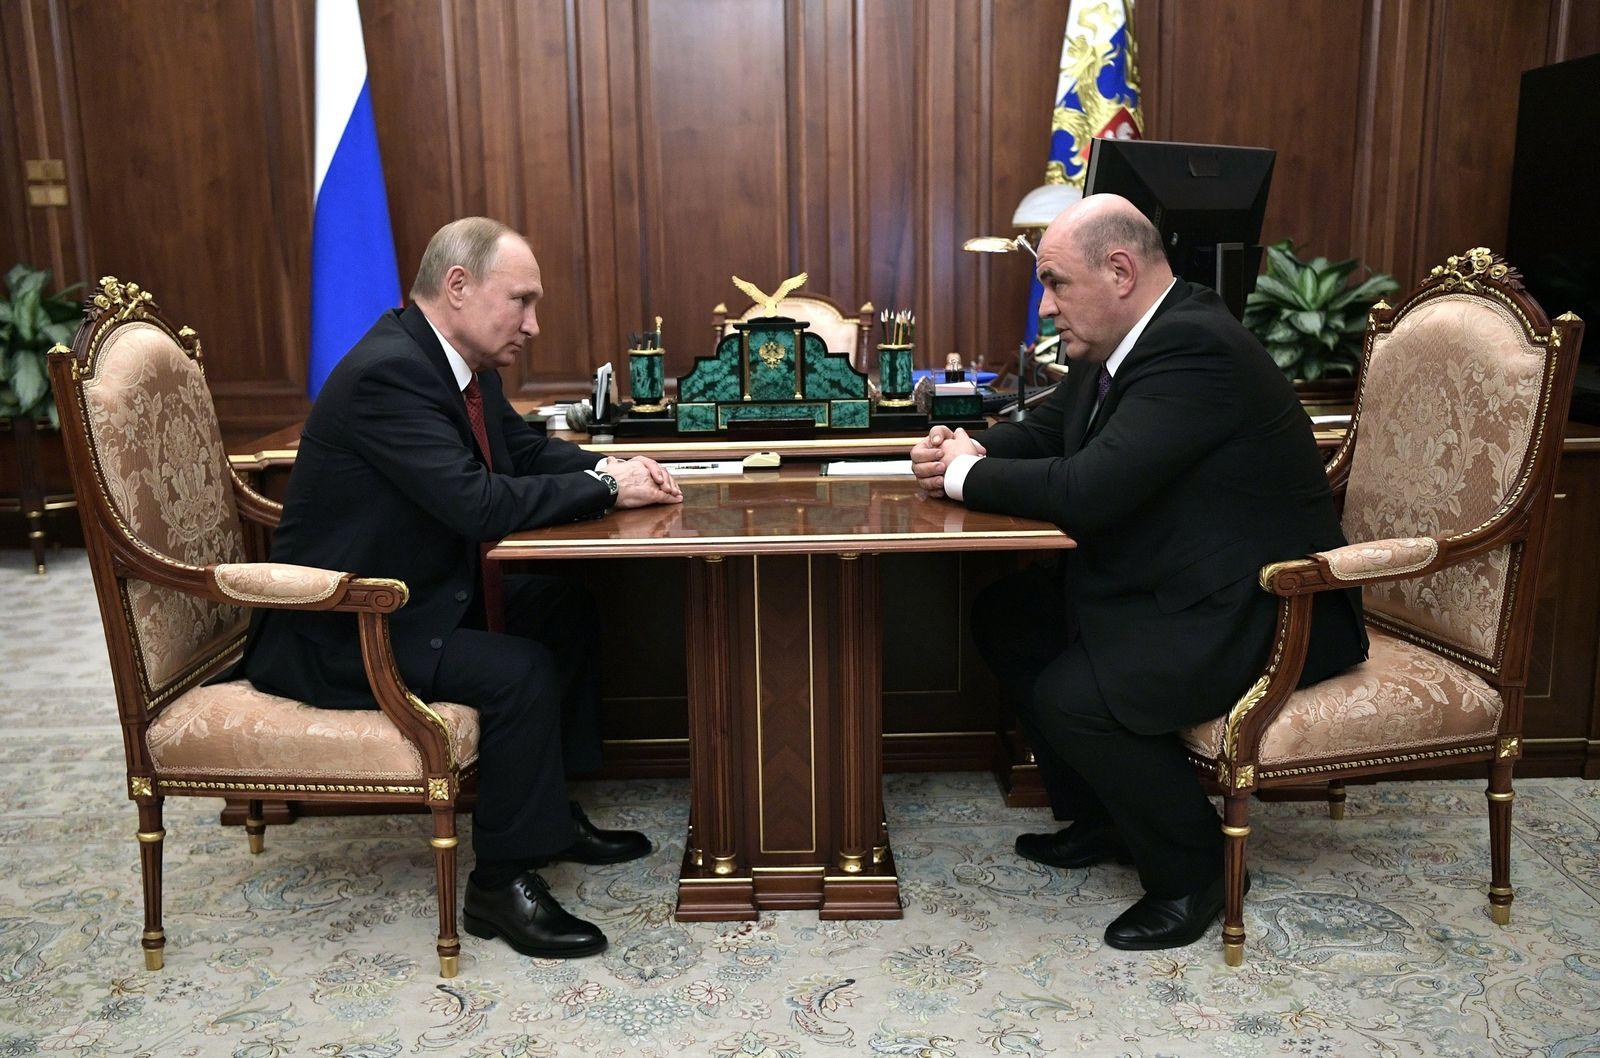 Putin schlägt Chef der Steuerbehörde als Regierungschef vor